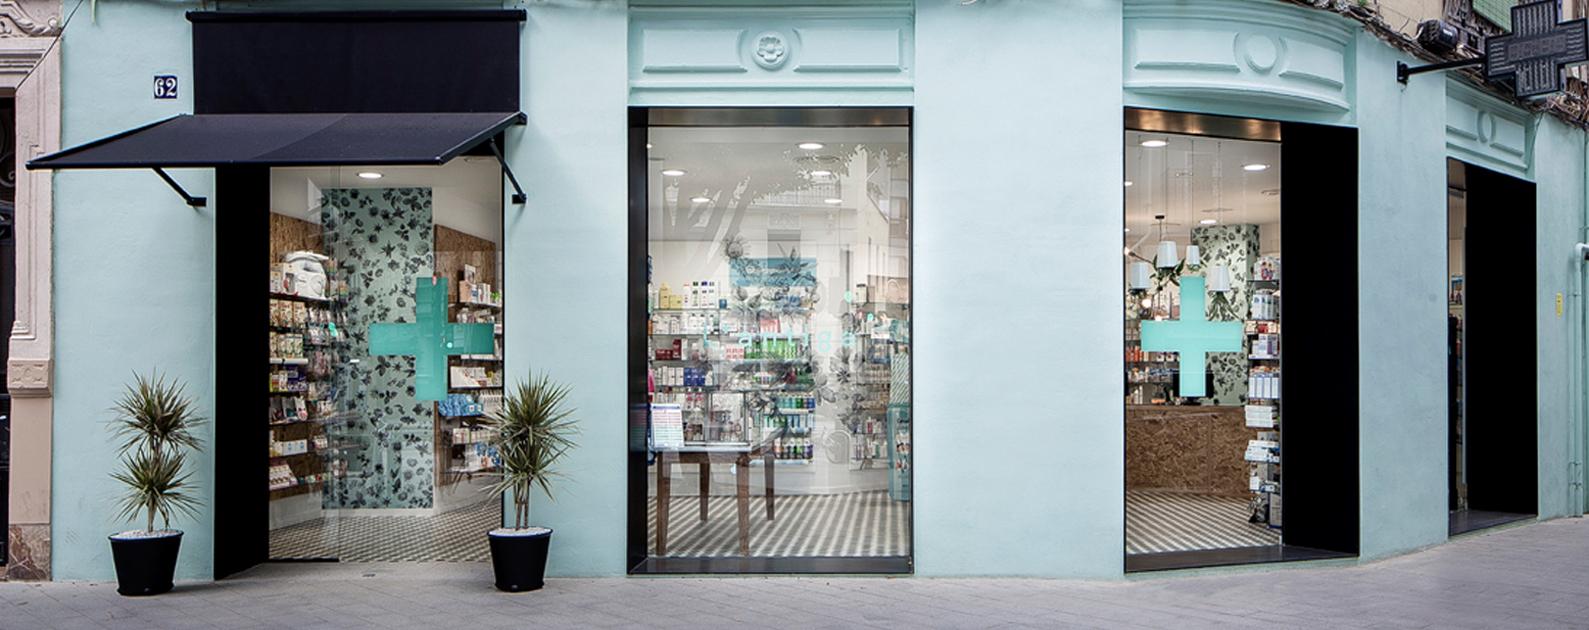 reforma de farmacias lantiga valencia